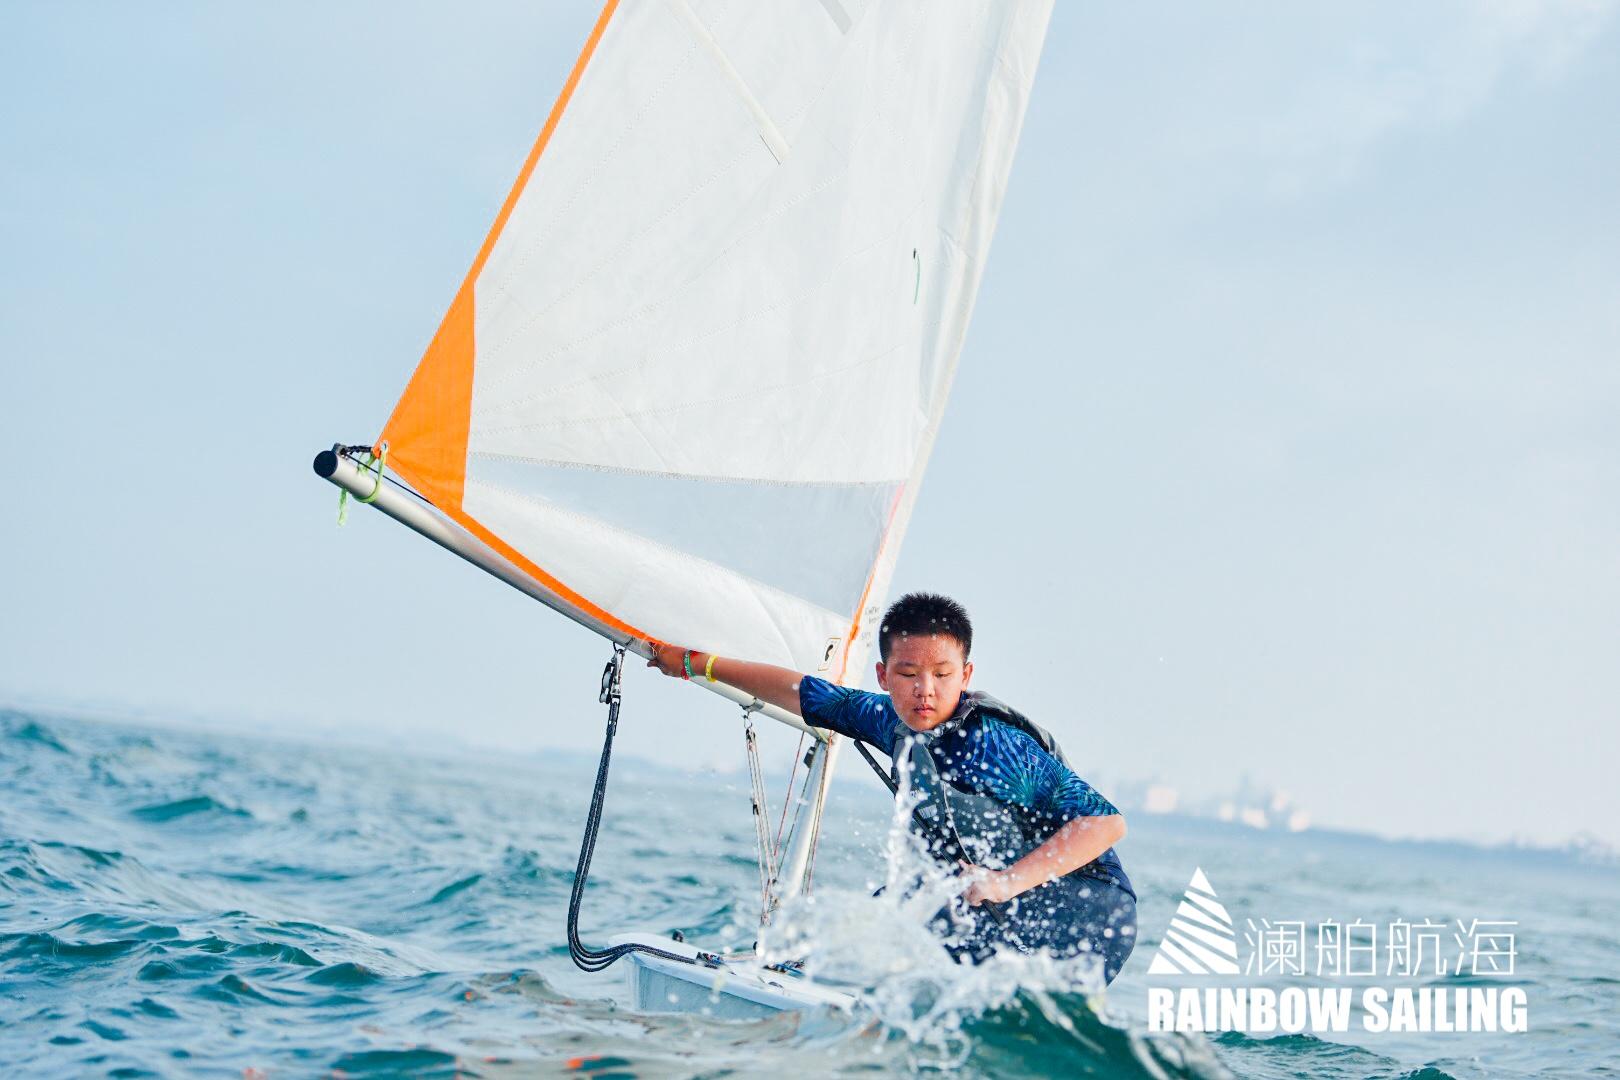 帆船,航海,俱乐部,训练,ASA 成都澜舶帆船俱乐部「ASA」  194312z9dxk5nhc5bnqdqq